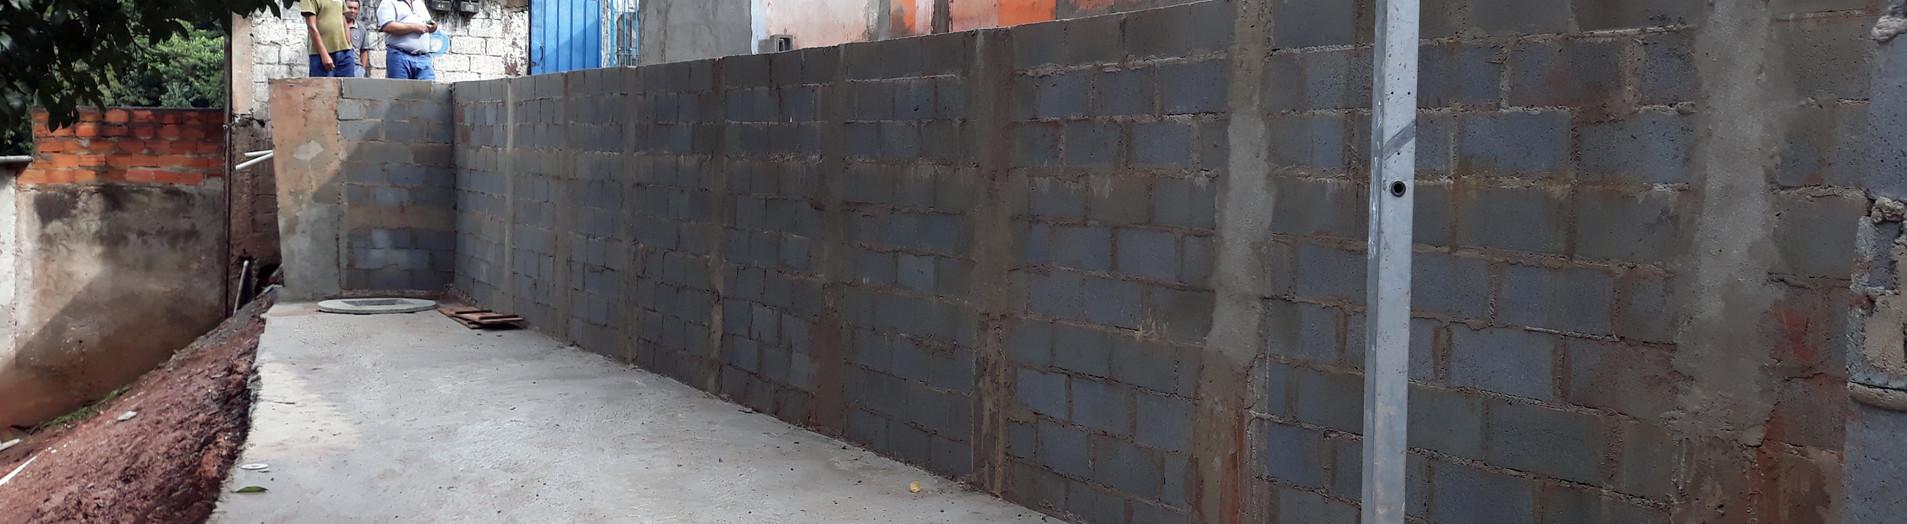 Construção de Muro de Contenção